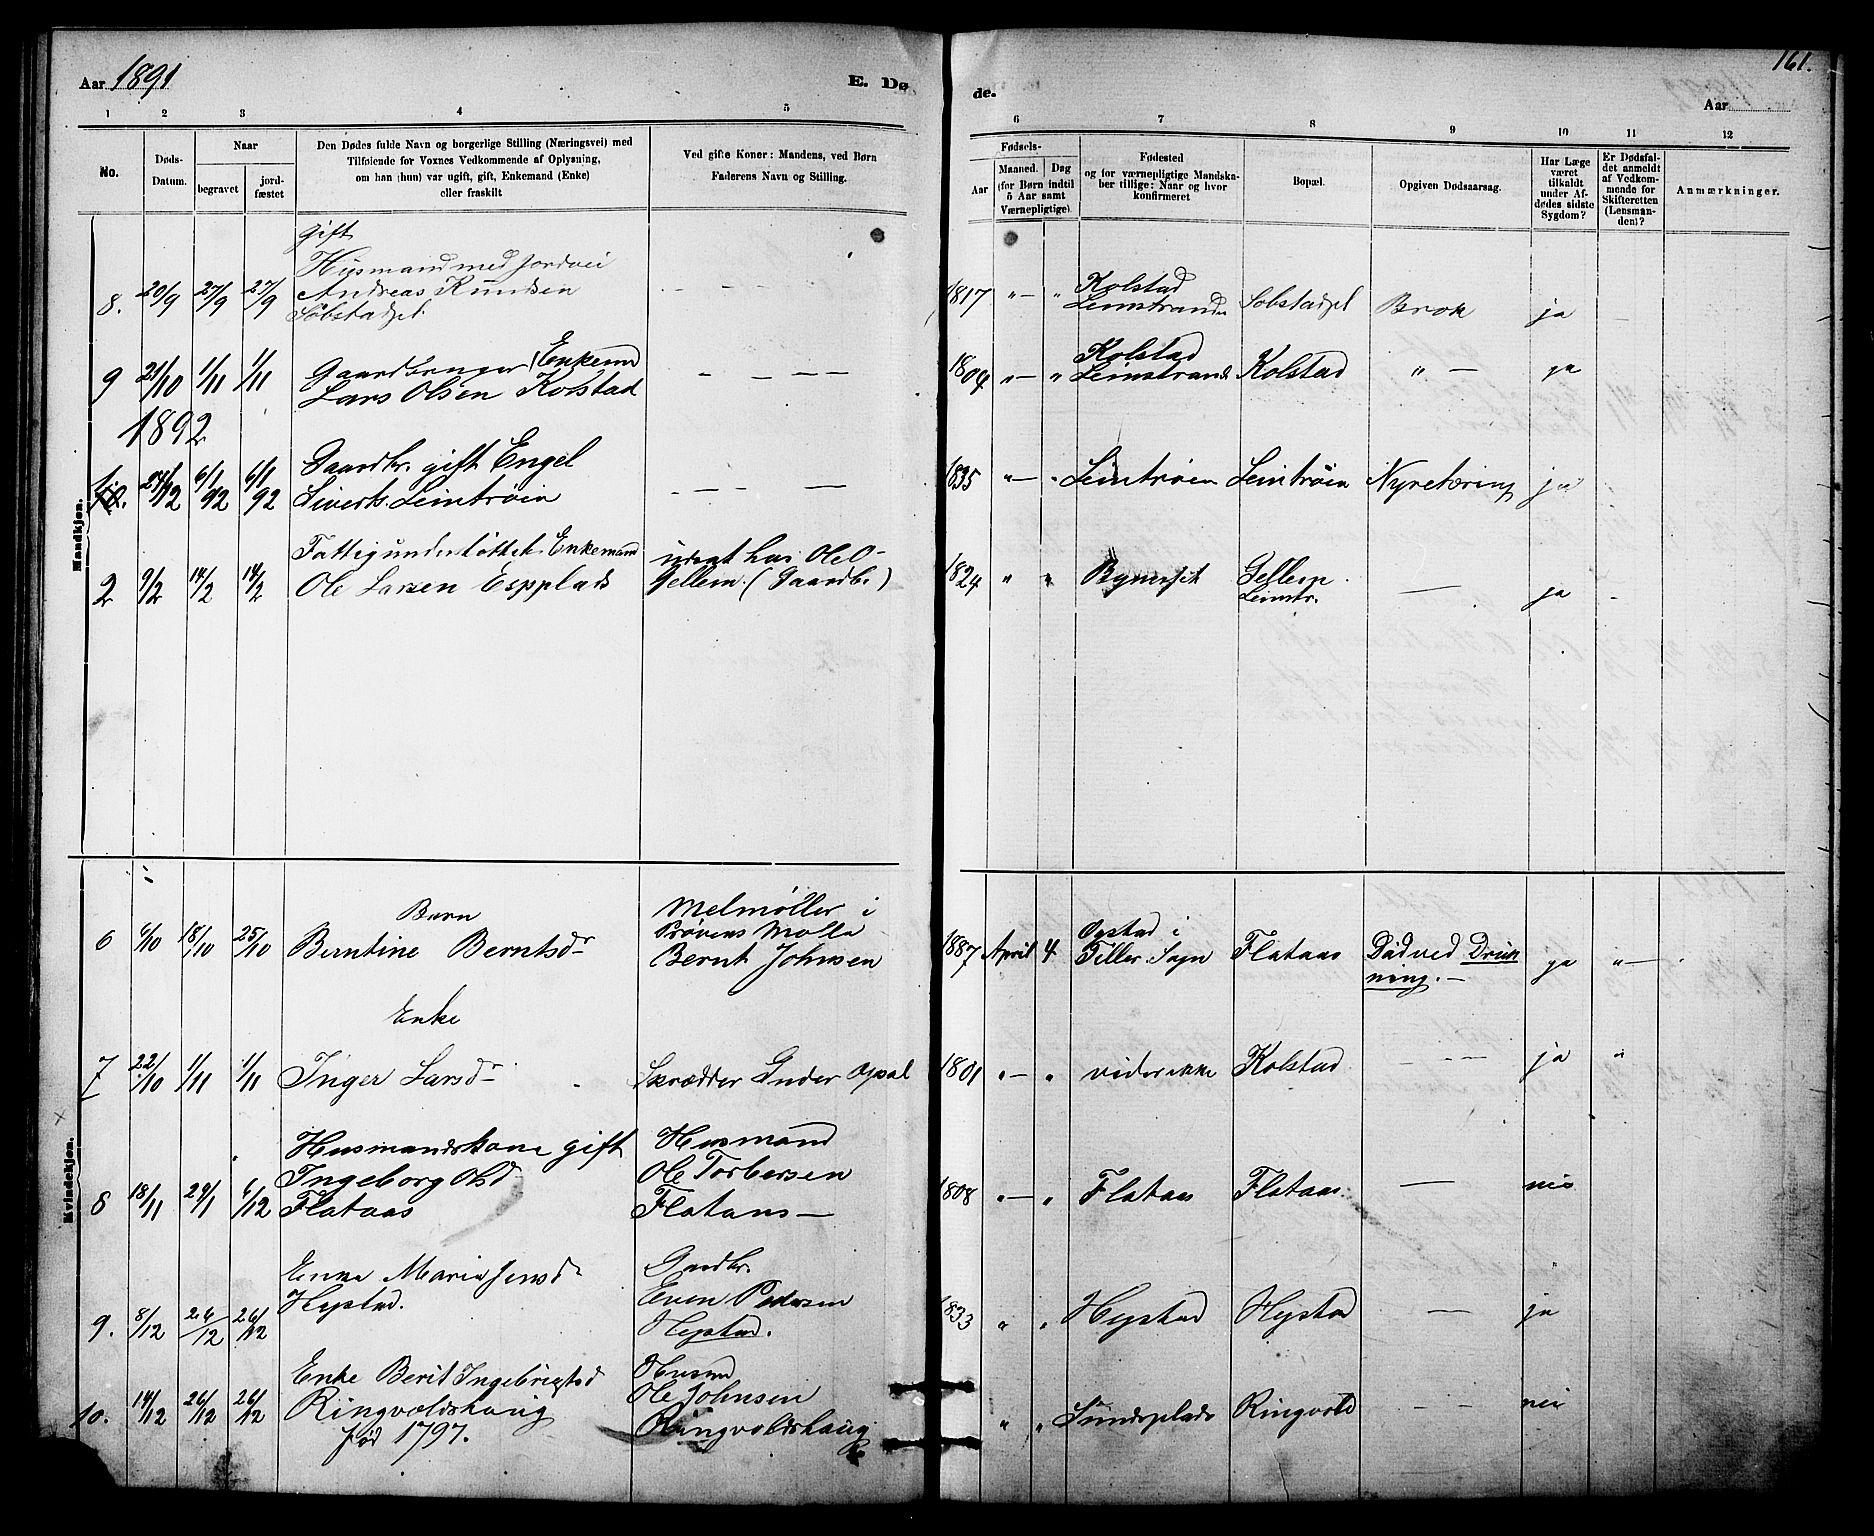 SAT, Ministerialprotokoller, klokkerbøker og fødselsregistre - Sør-Trøndelag, 613/L0395: Klokkerbok nr. 613C03, 1887-1909, s. 161